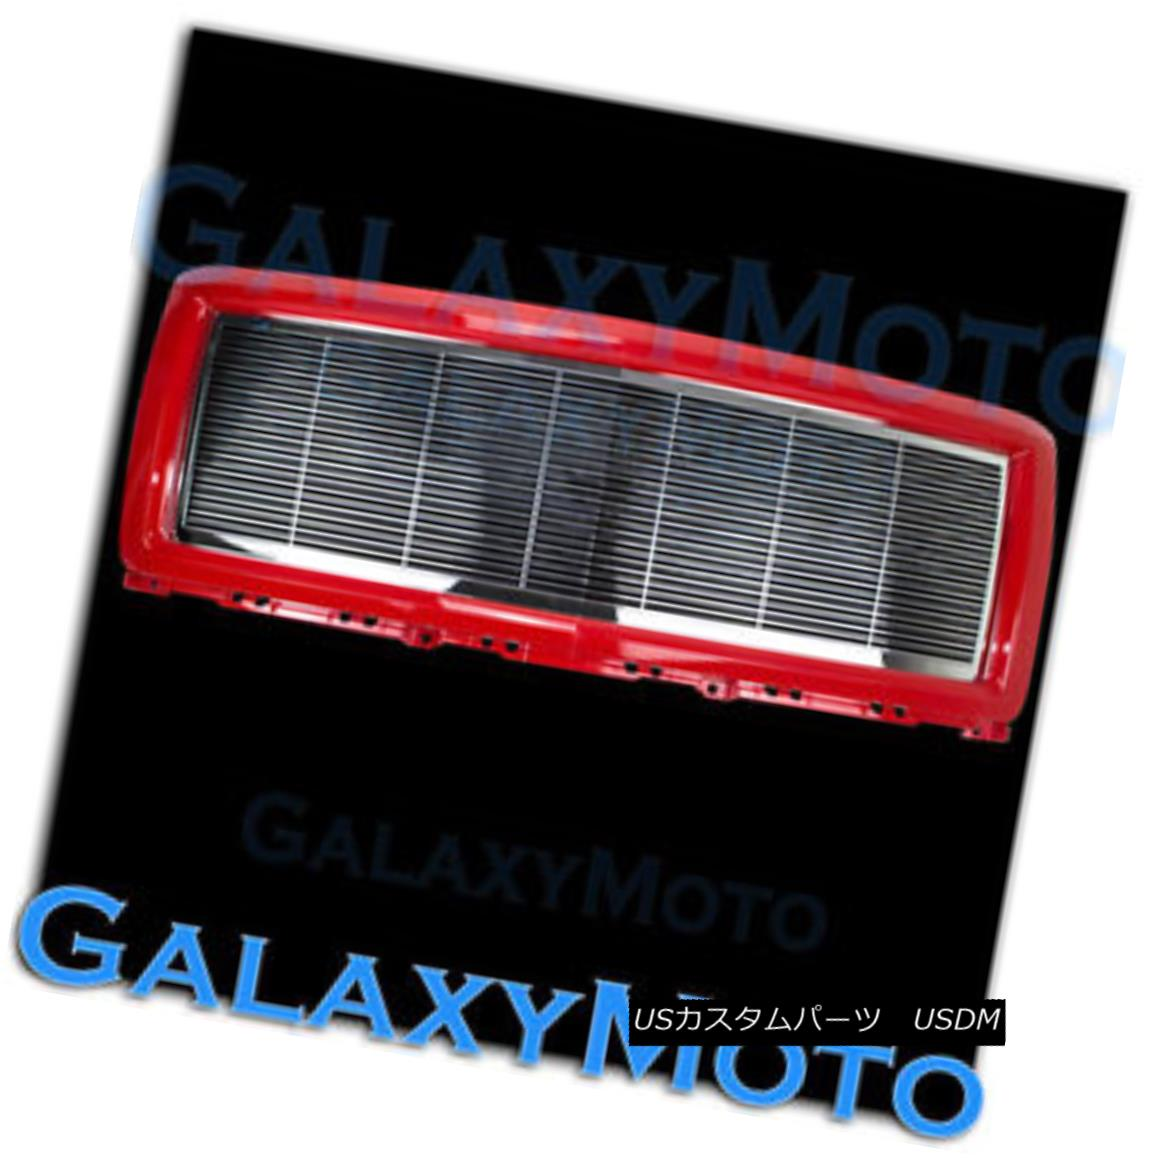 グリル 14-15 Chevy Silverado 1500 Chrome Billet Grille+Victory Red Replacement Shell 14-15 Chevy Silverado 1500クロムビレットグリル+ Victory Red Replacement Shell